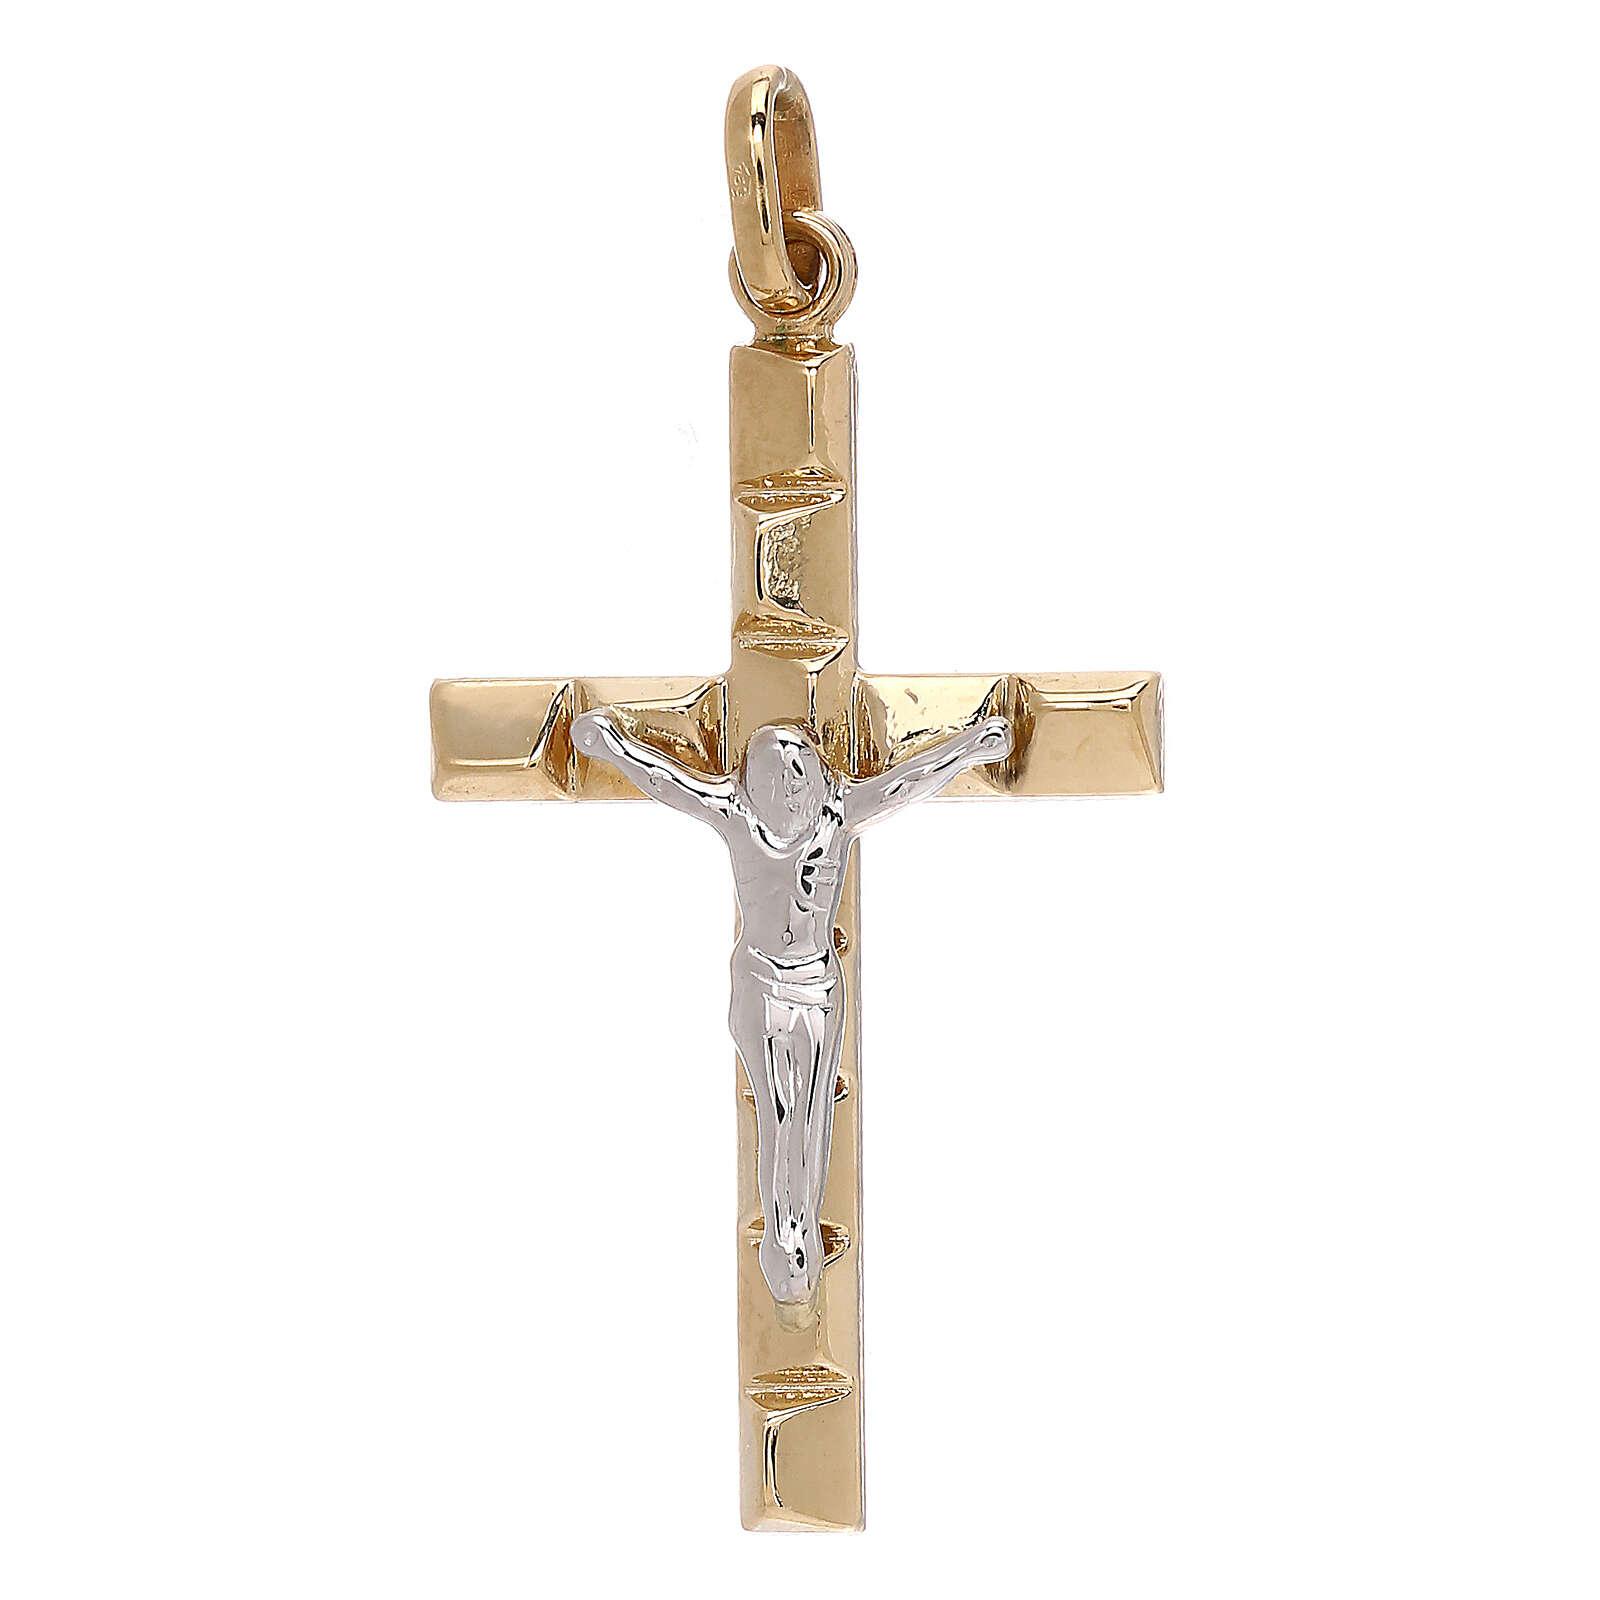 Colgante crucifijo cuadros relieve bicolor oro 18 k 1,3 gr 4